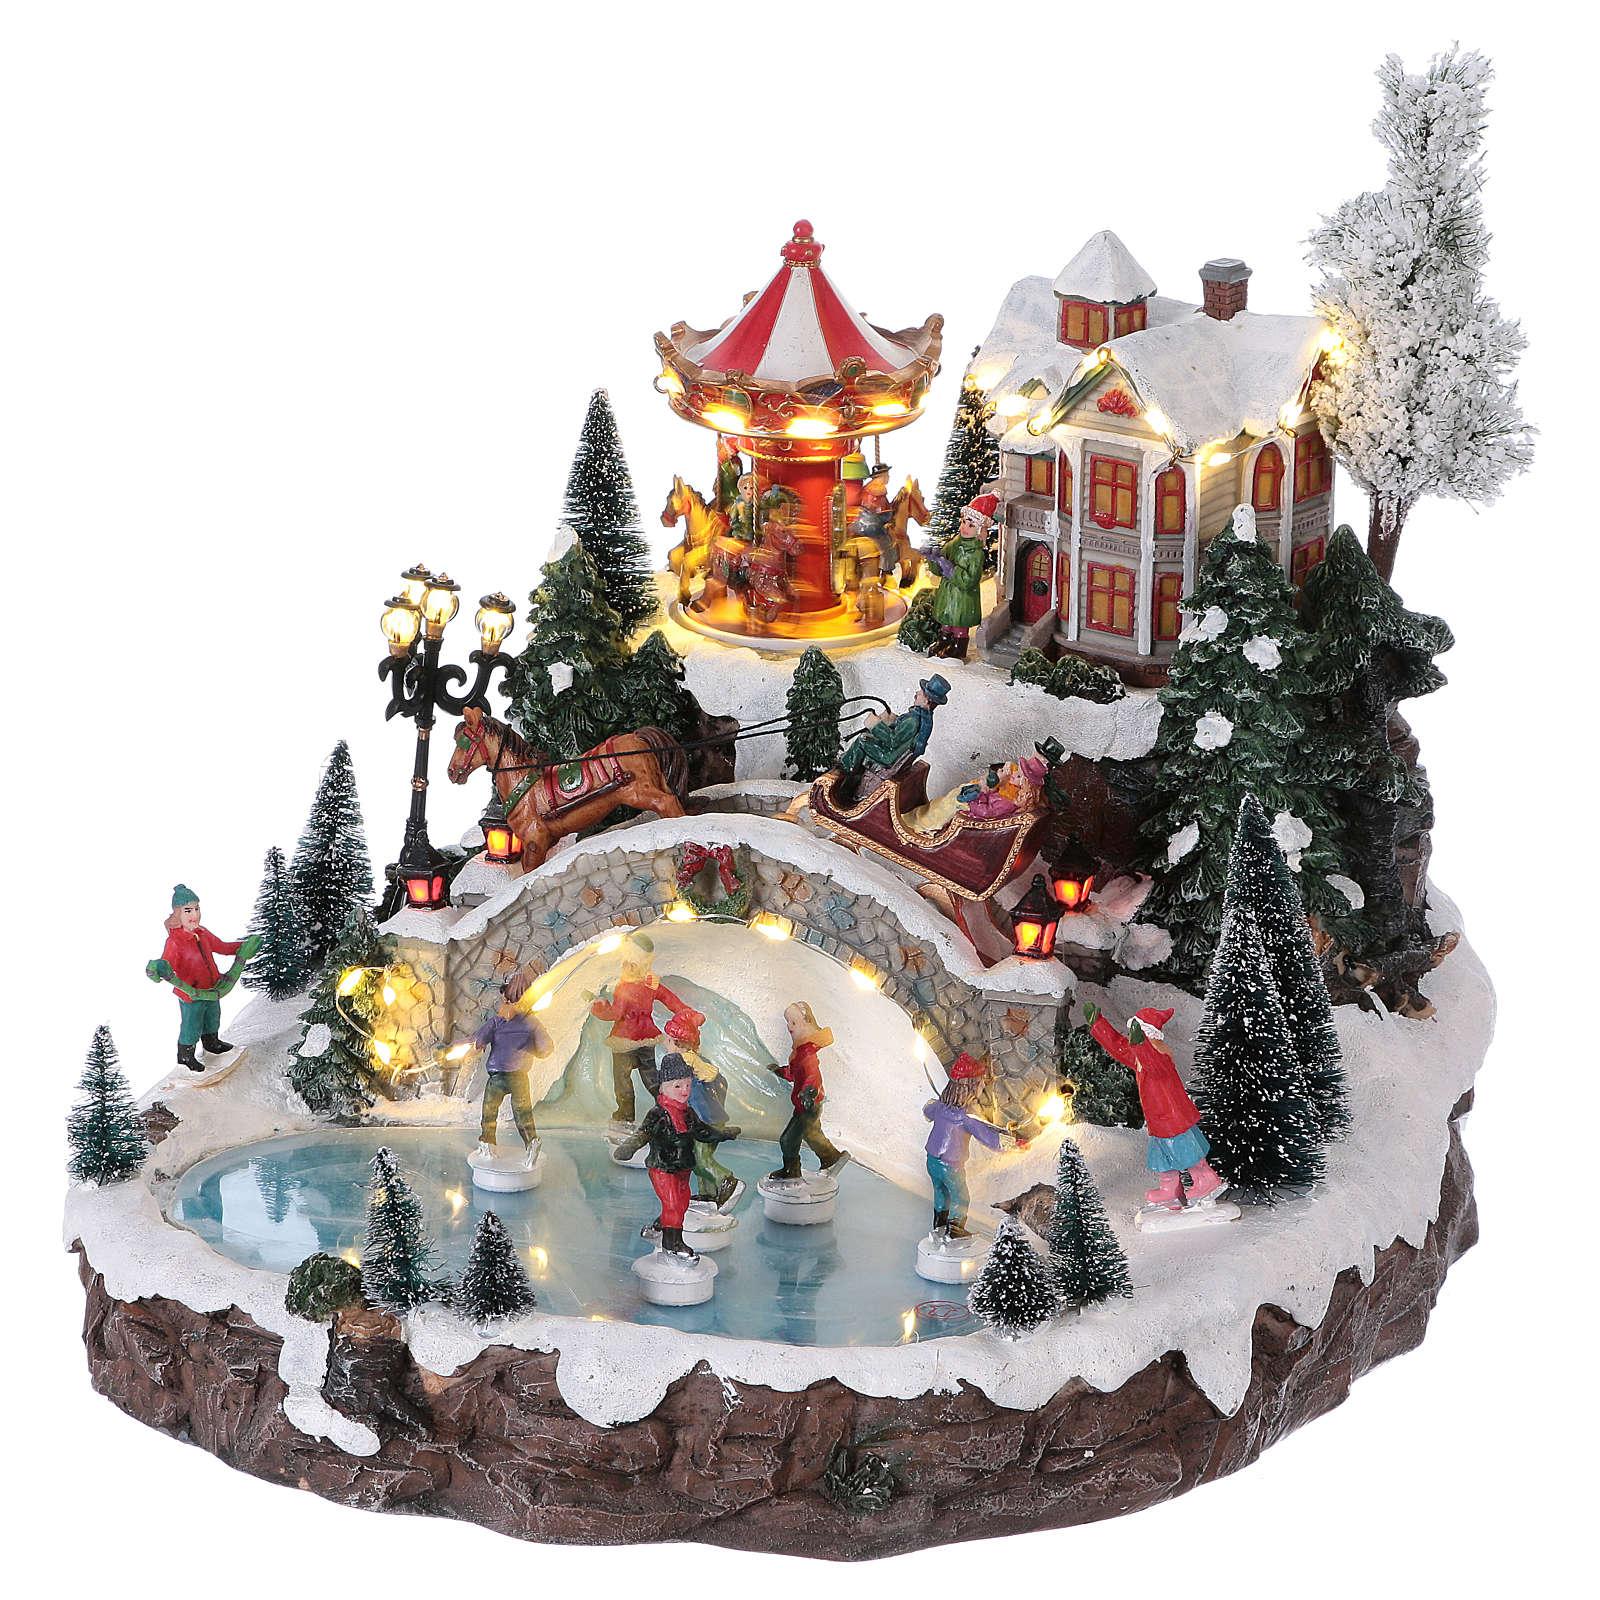 Weihnachtsdorf, mit Beleuchtung, Musik und beweglichen Eisläufern und kleinem Karussell, 30x35x35 cm, Netzanschluss 3